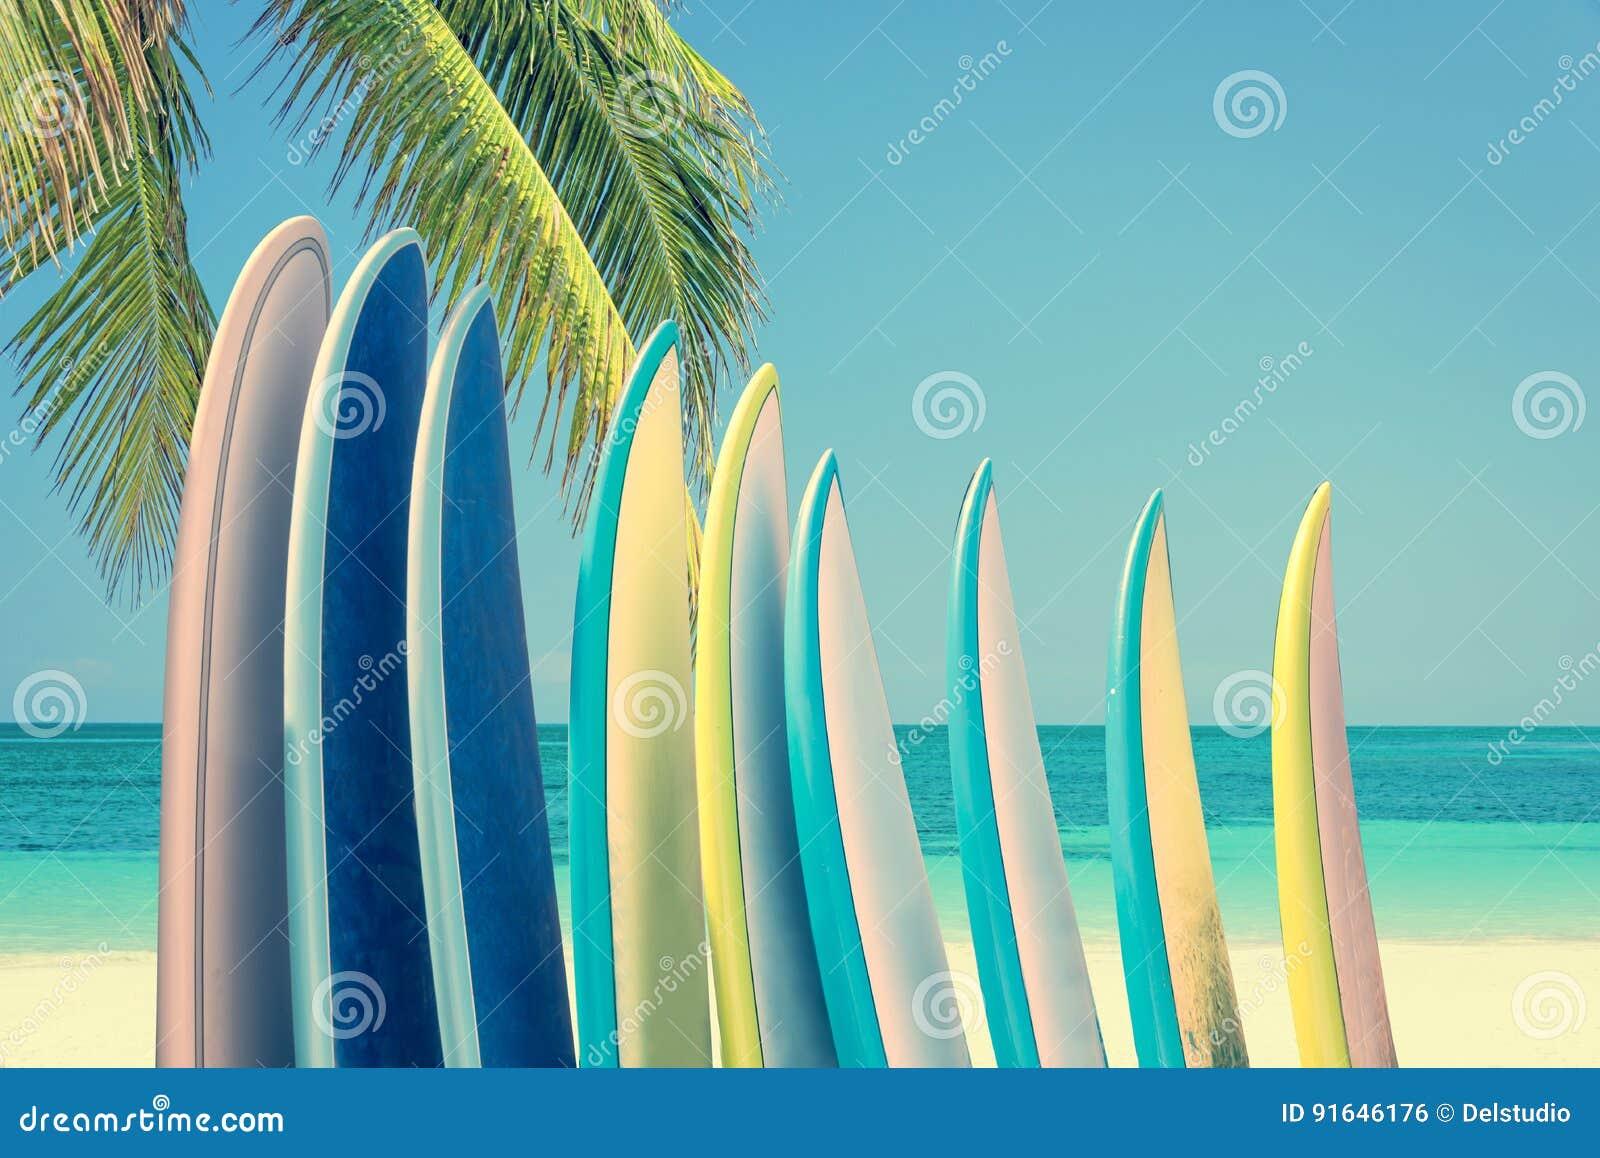 Pila de tablas hawaianas coloridas en una playa tropical por el océano con la palmera, filtro retro del vintage